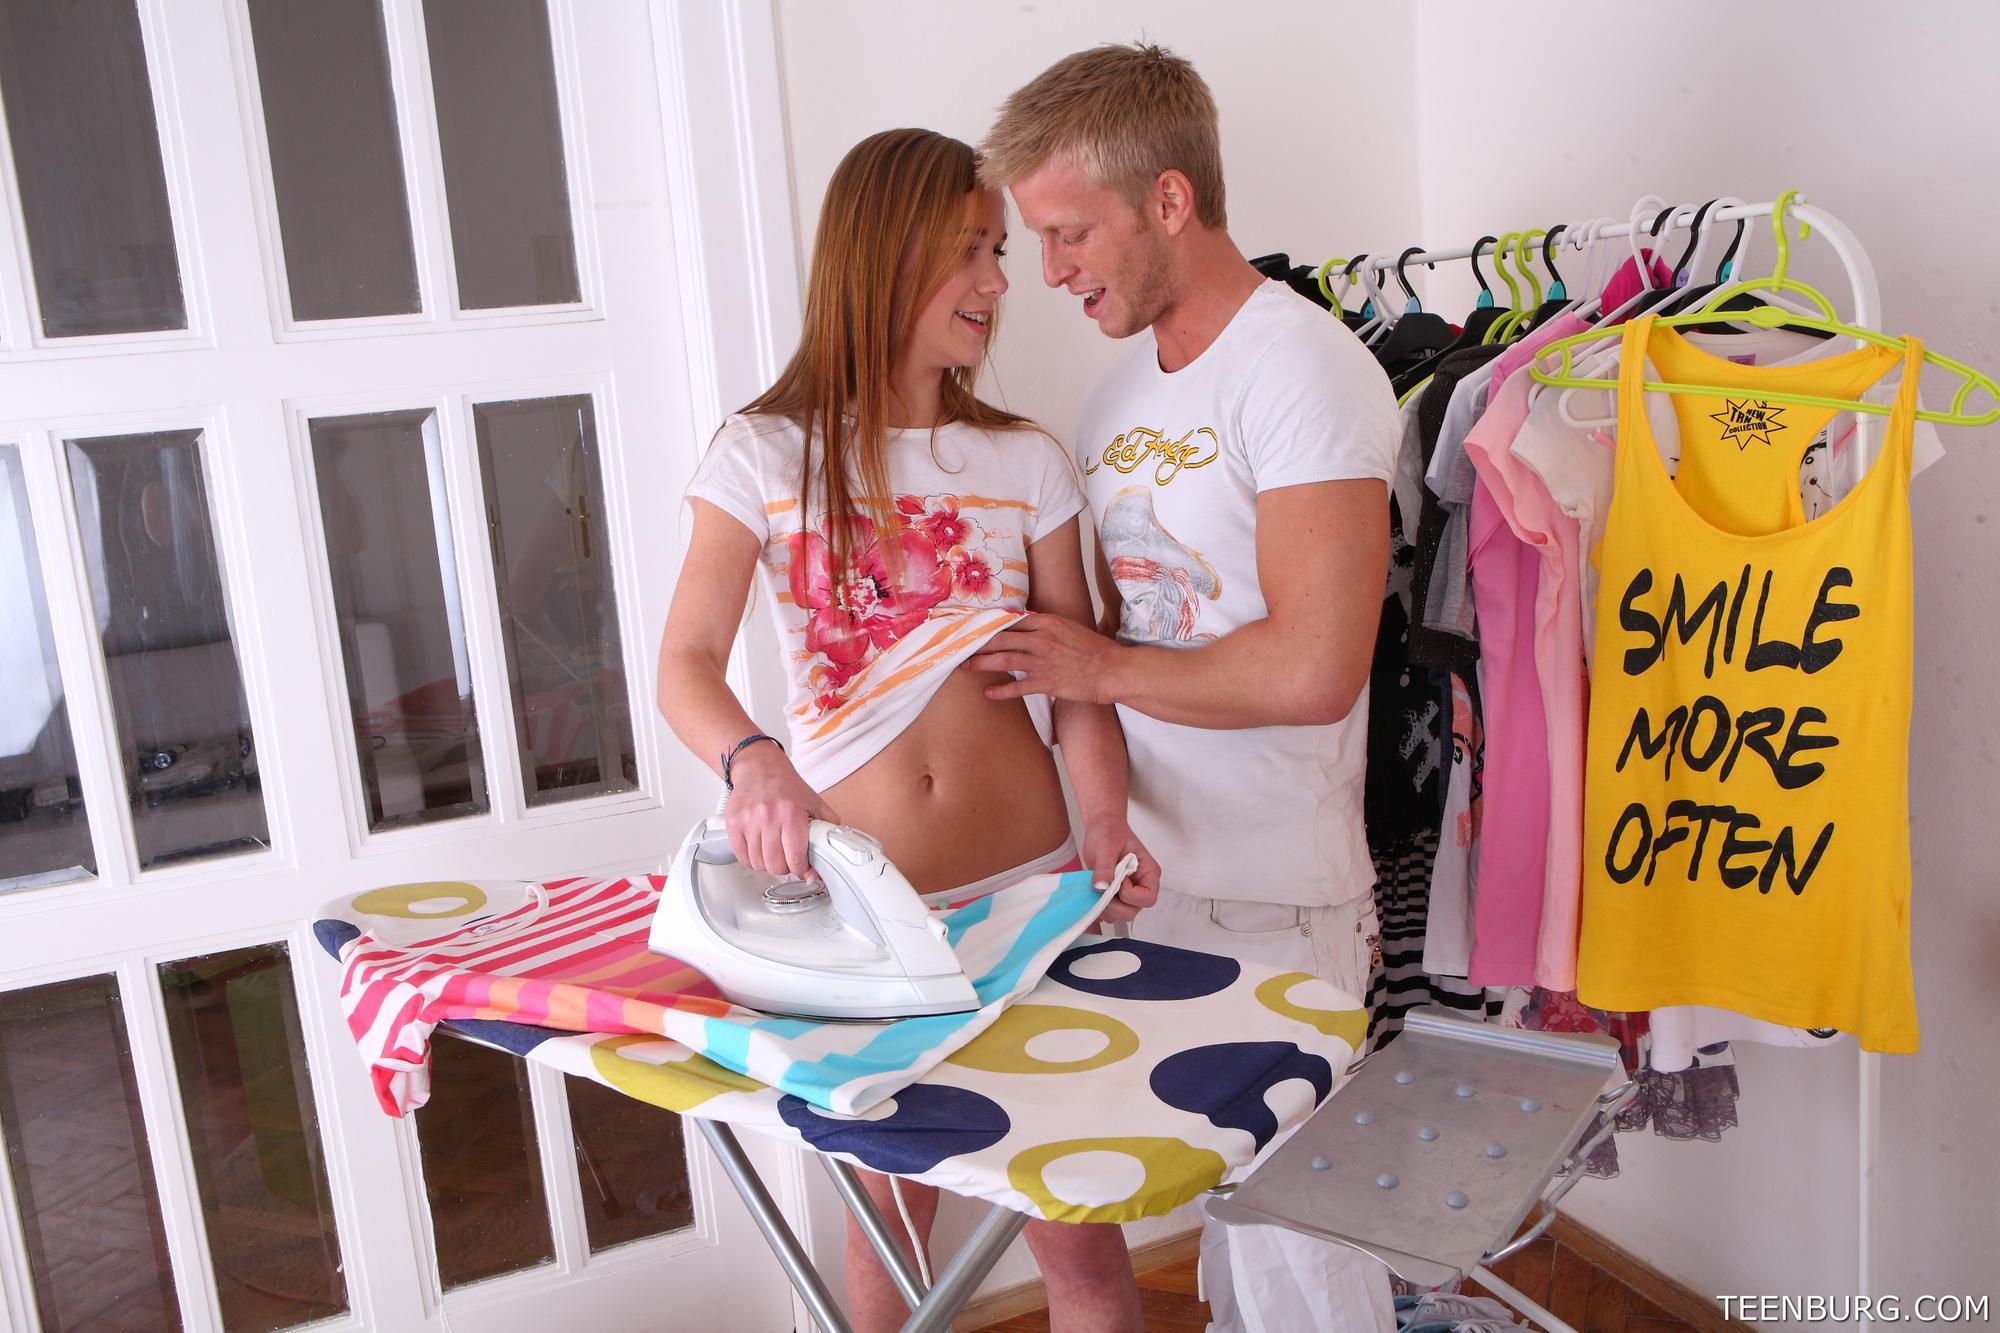 Kamila recibe visitas de su novio y el se la folla